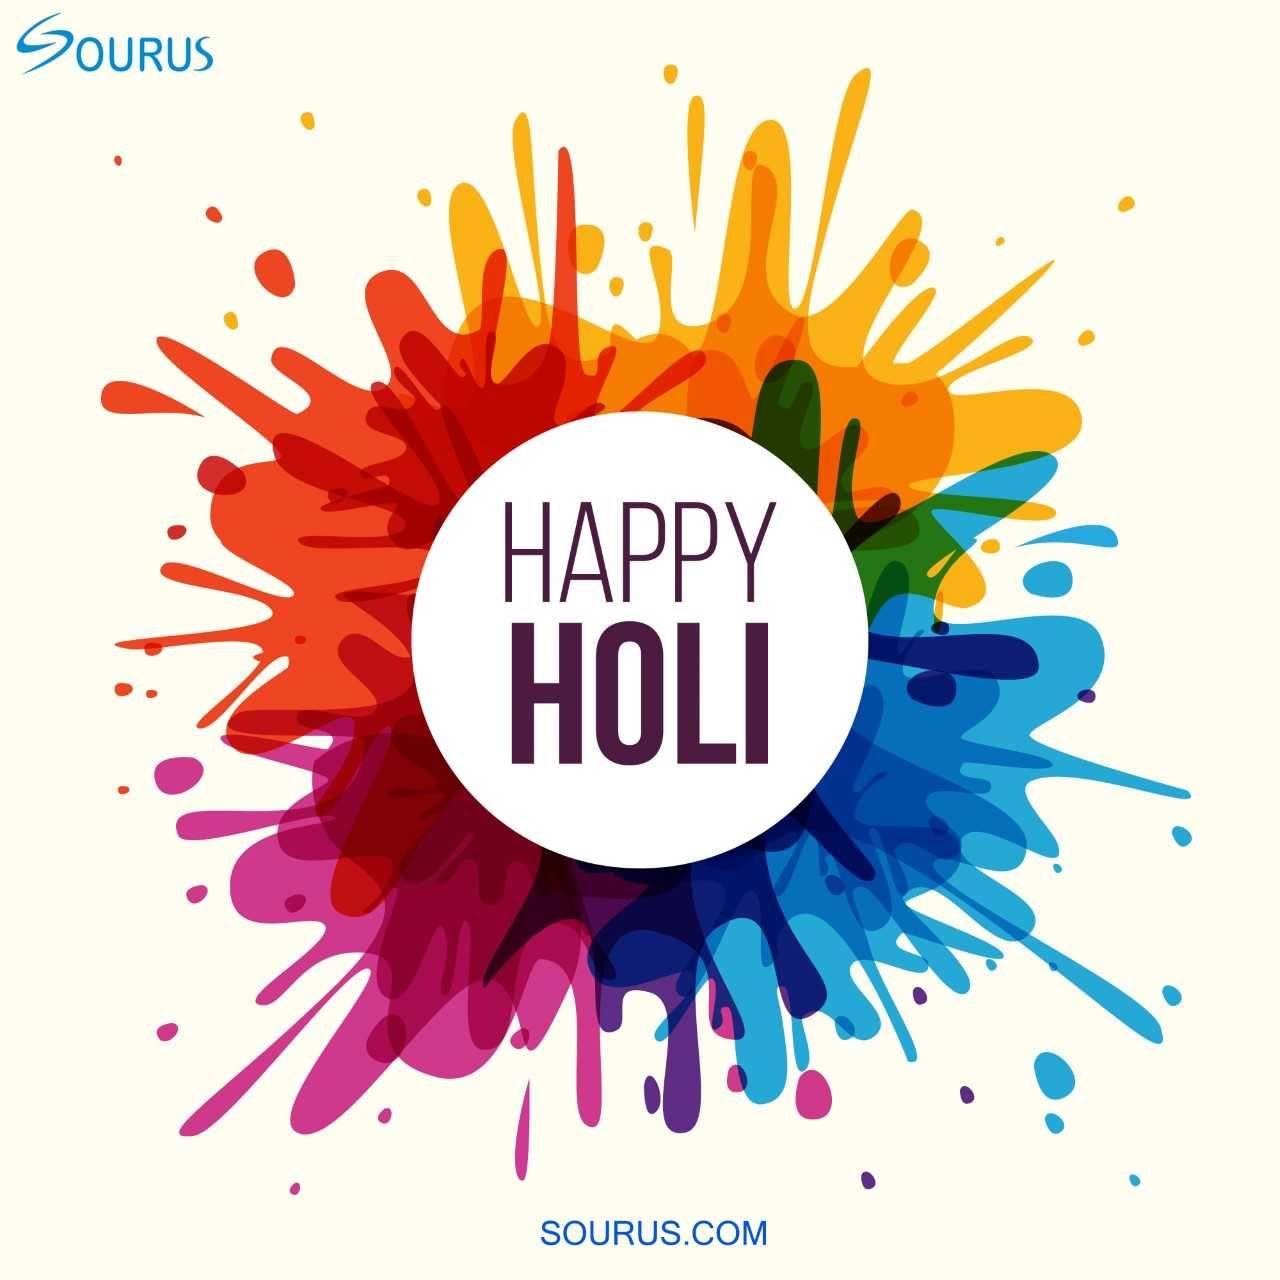 Hoi Sale Is Here Shop On Sourus Com Happyholi Holi Colors